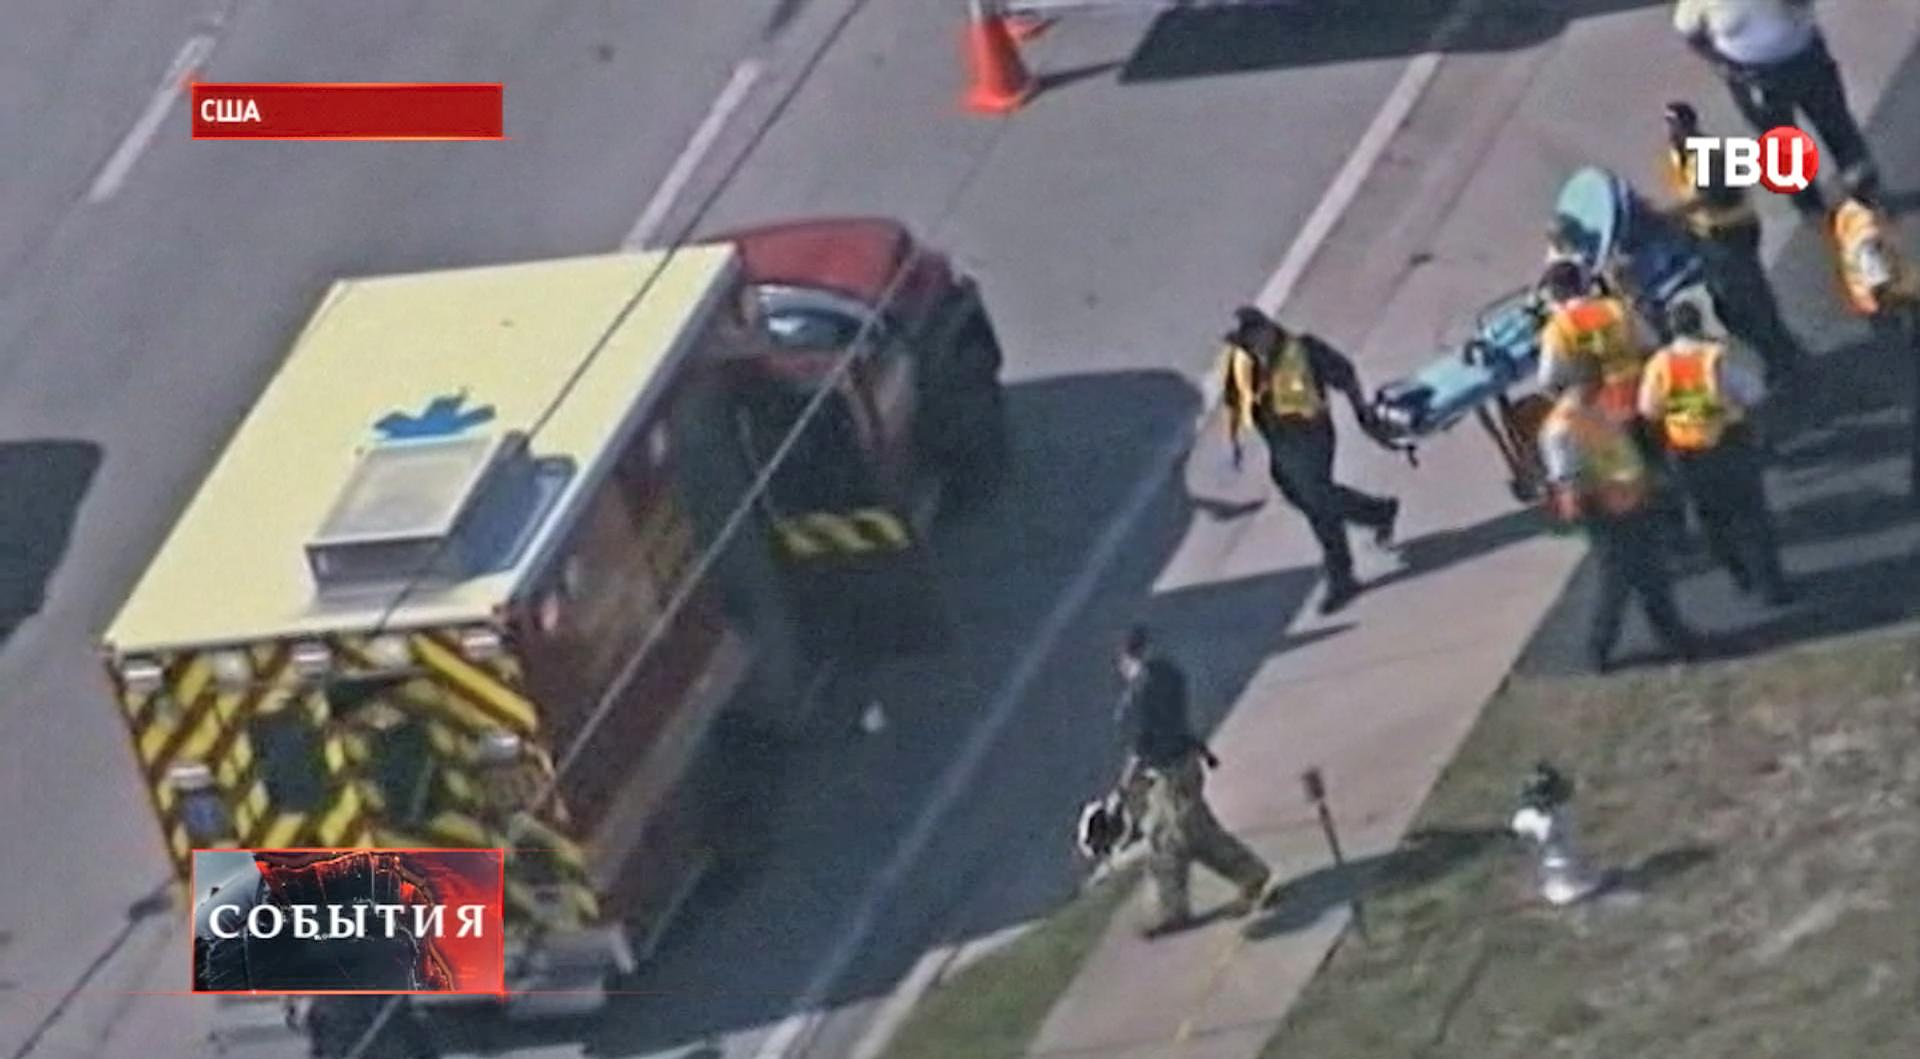 Скорая помощь на месте аварии в США